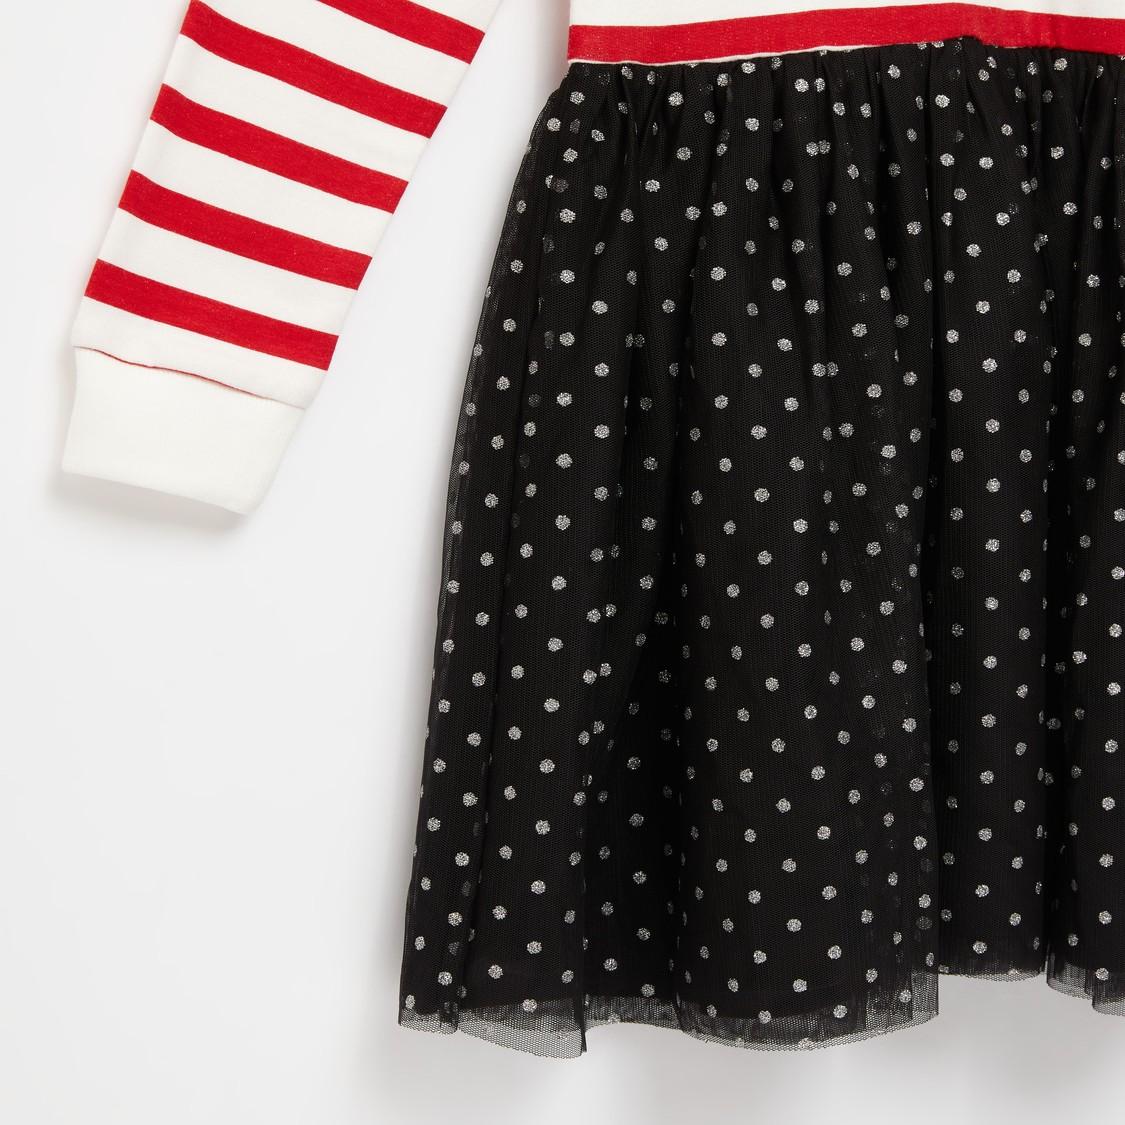 فستان بياقة مستديرة وأكمام طويلة وطبعات ميني ماوس